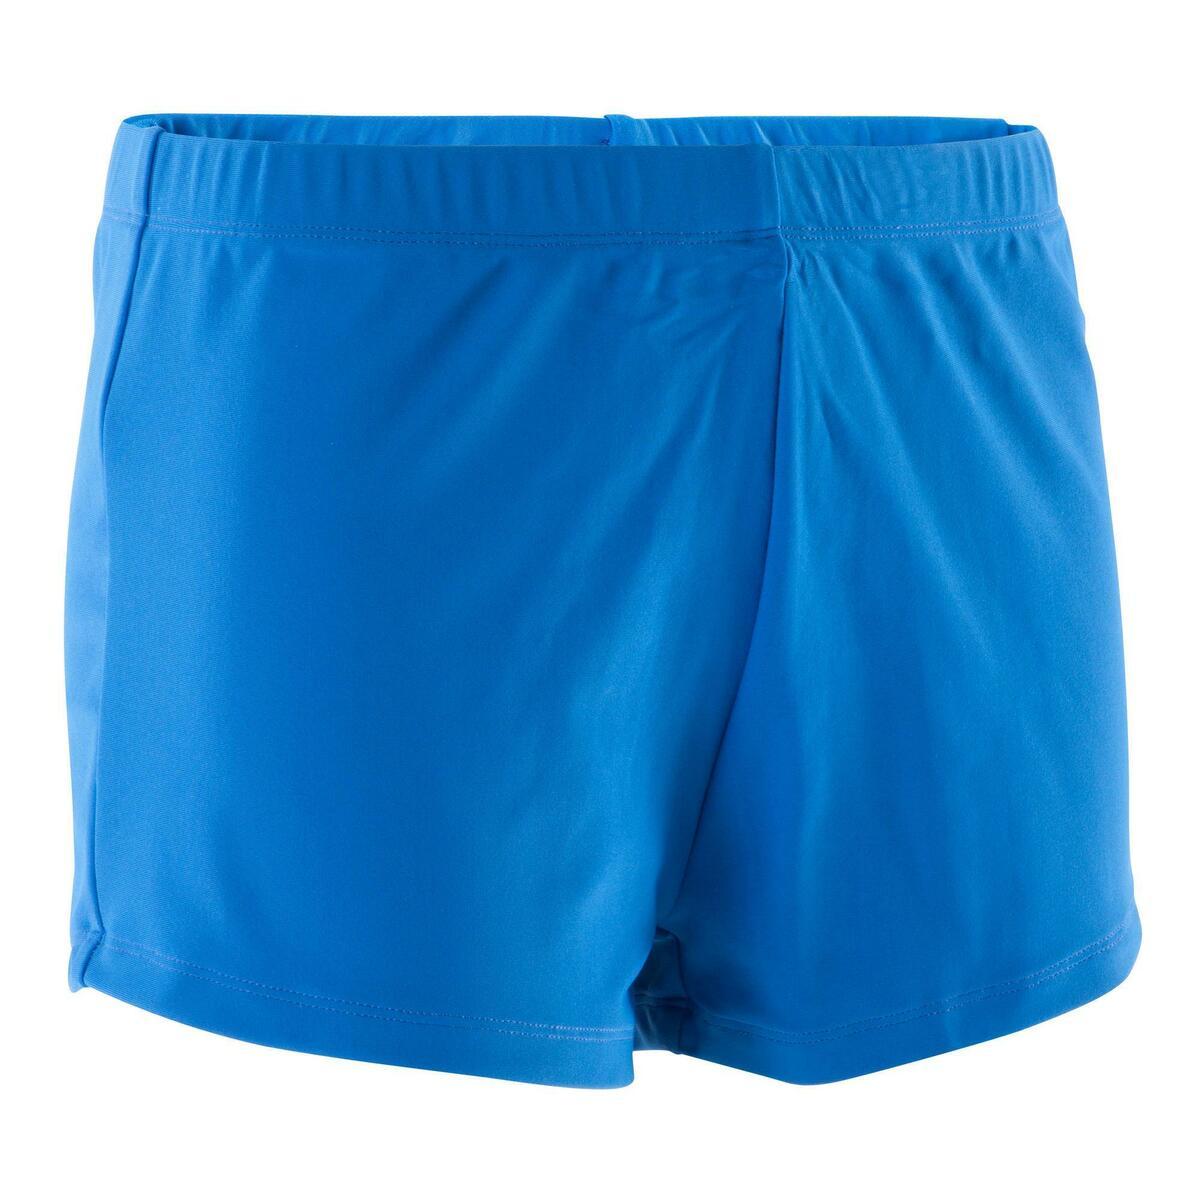 Bild 1 von Gymnastikhose kurz 500 Jungen Herren blau